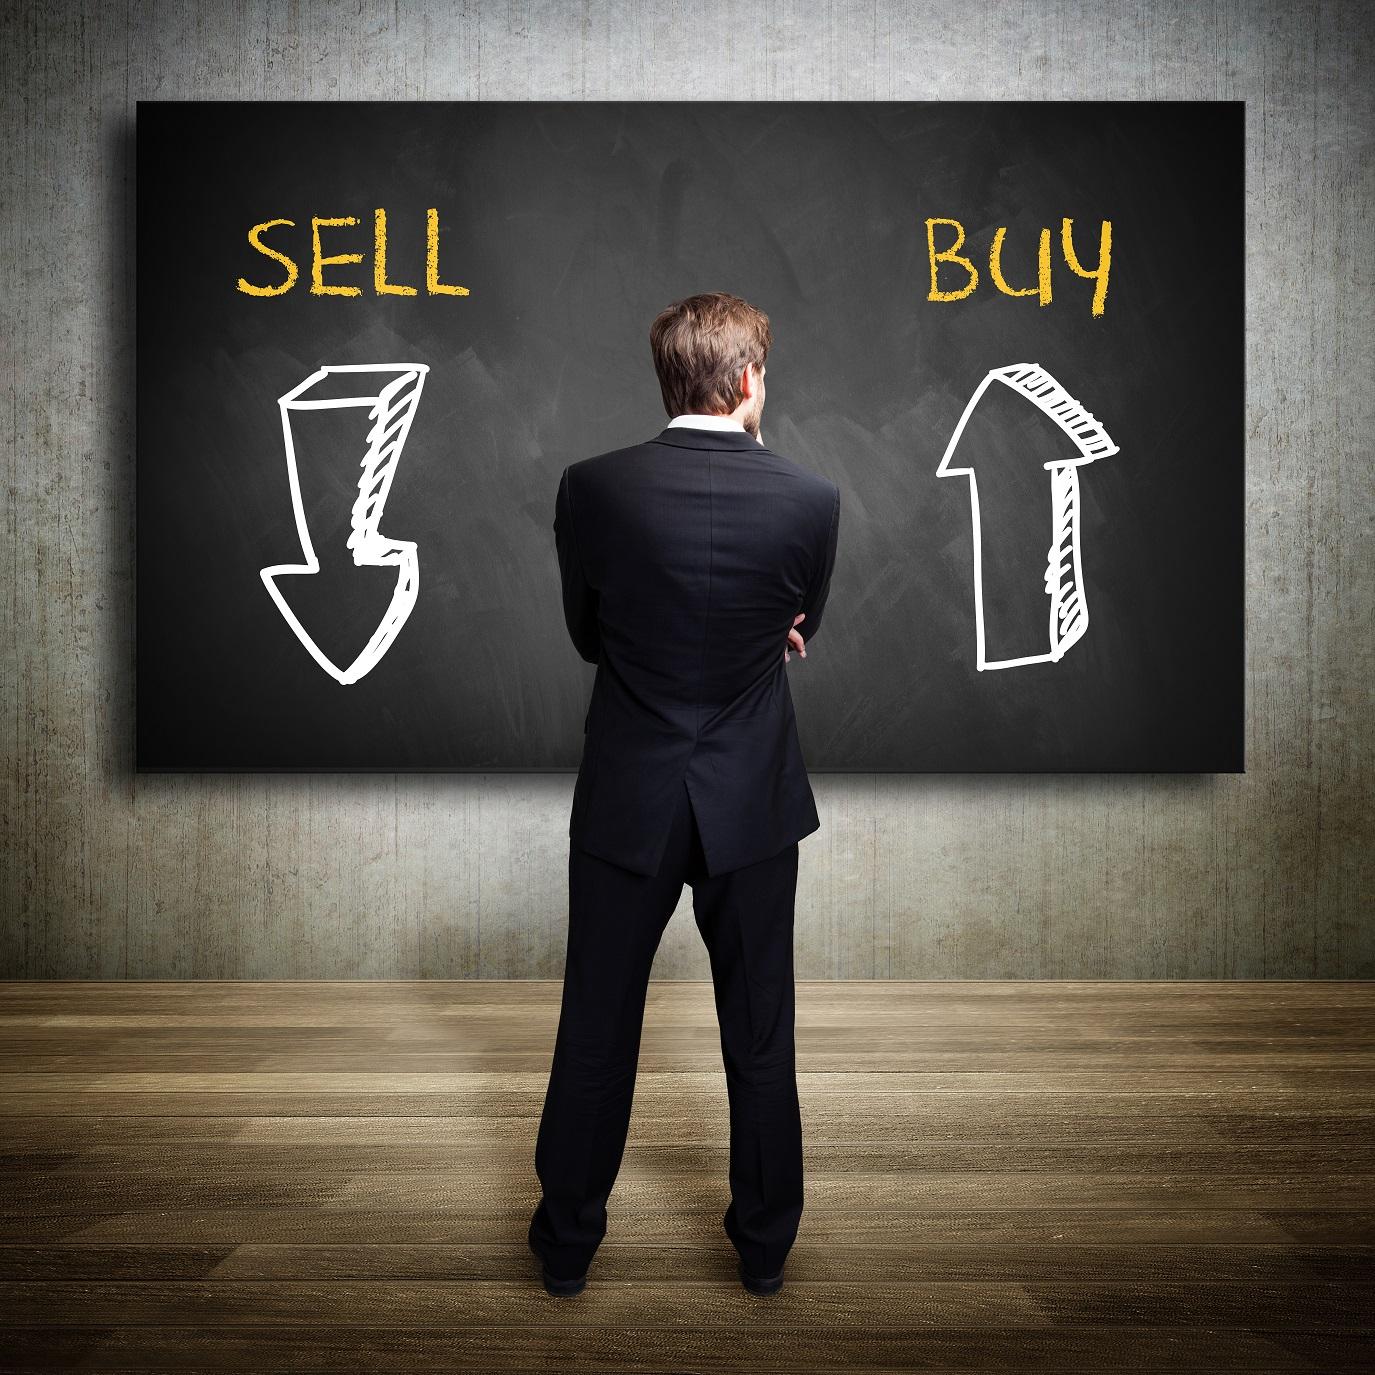 Buy-Sell-r